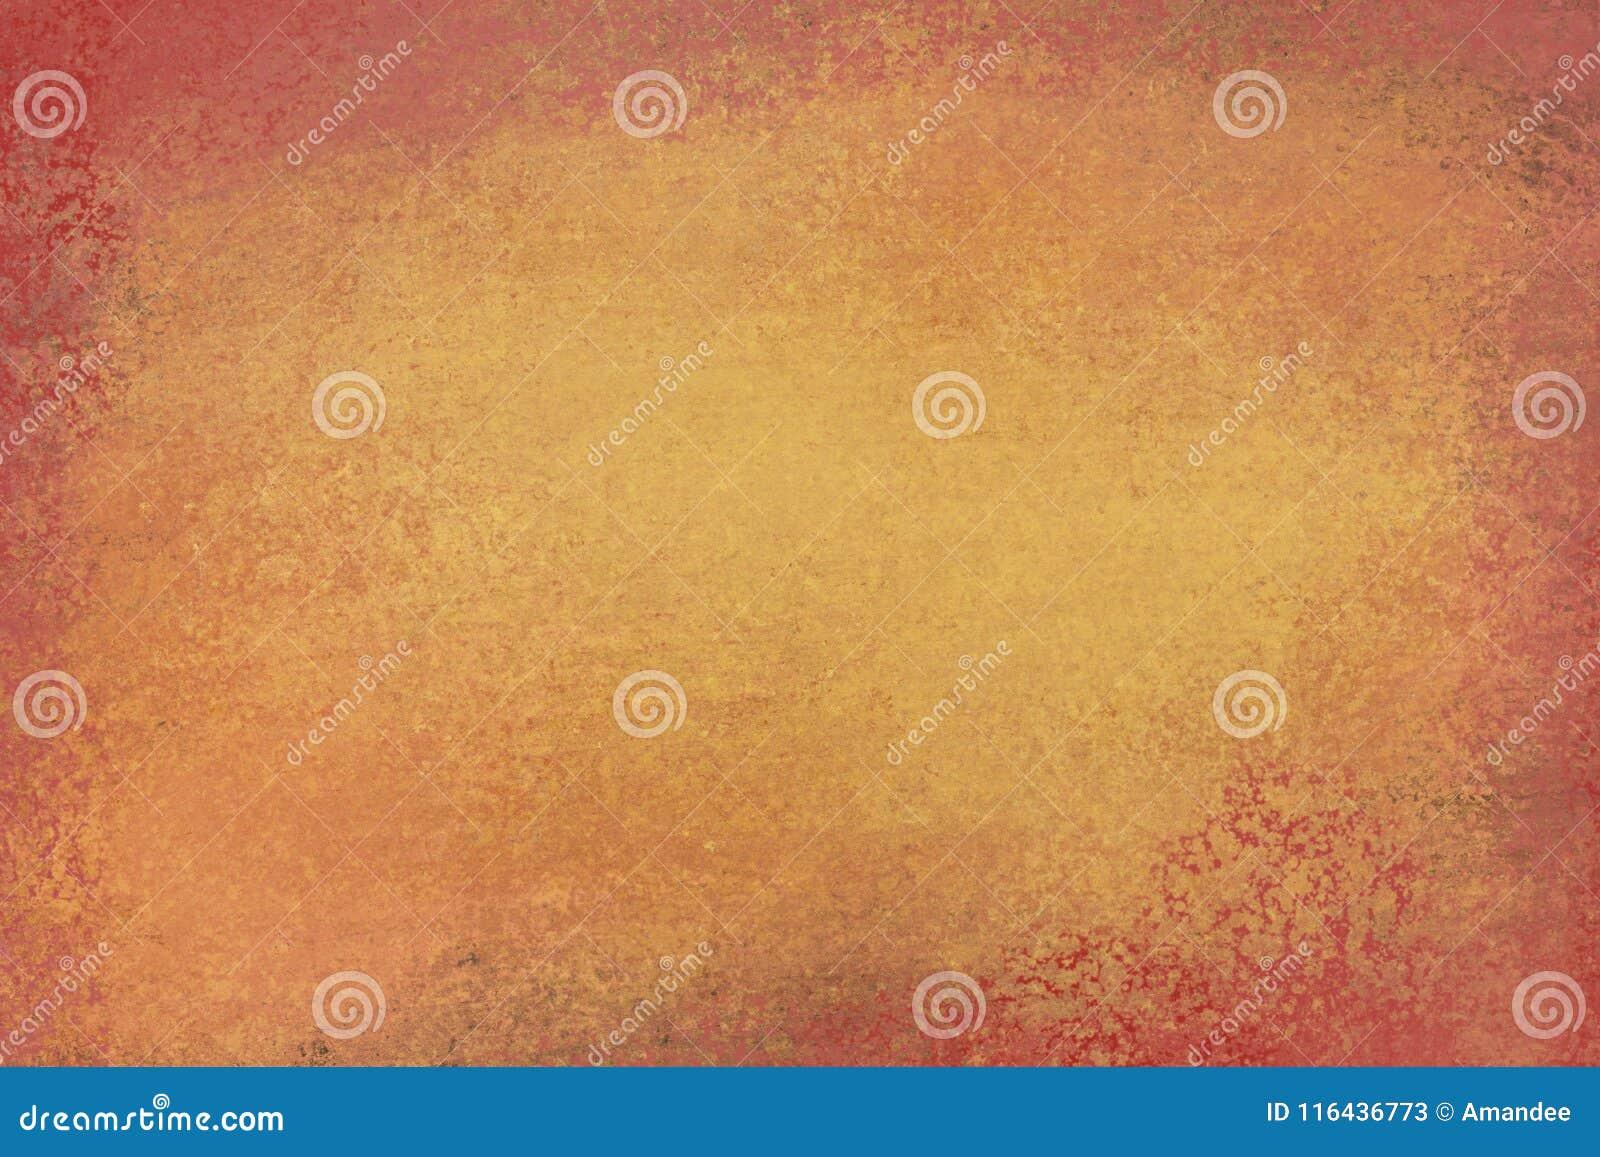 与退色的难看的东西纹理的老困厄的背景设计在棕色和橙色金子的颜色